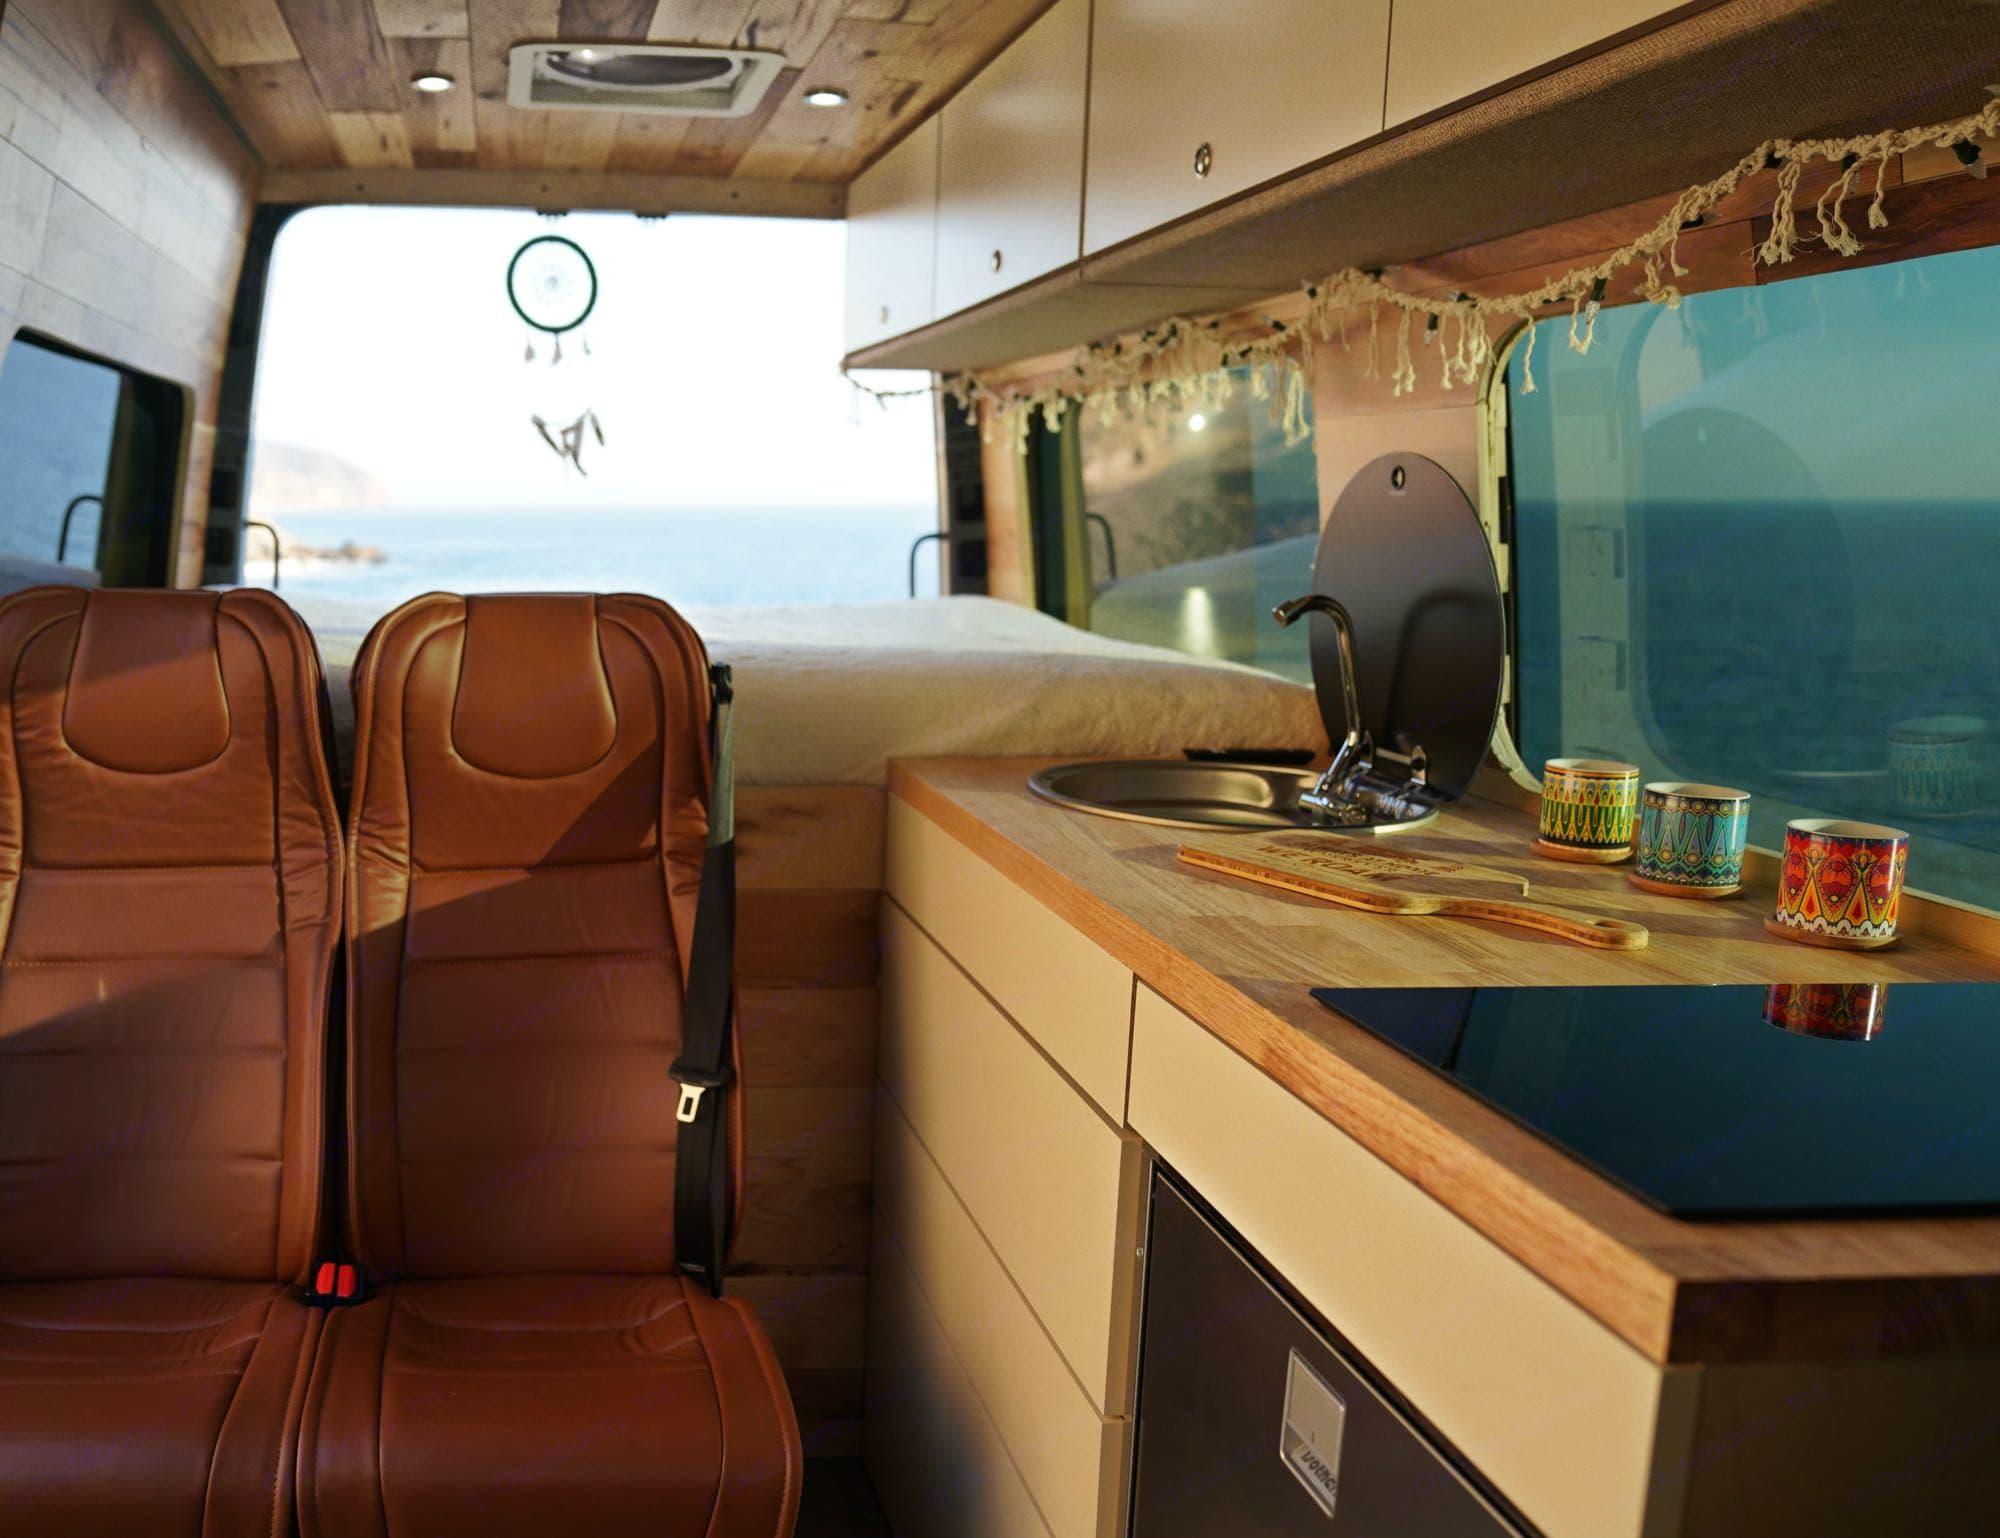 Mercedez-Benz Sprinter 2020 Sprinter 2500 Cargo Van 144 2020